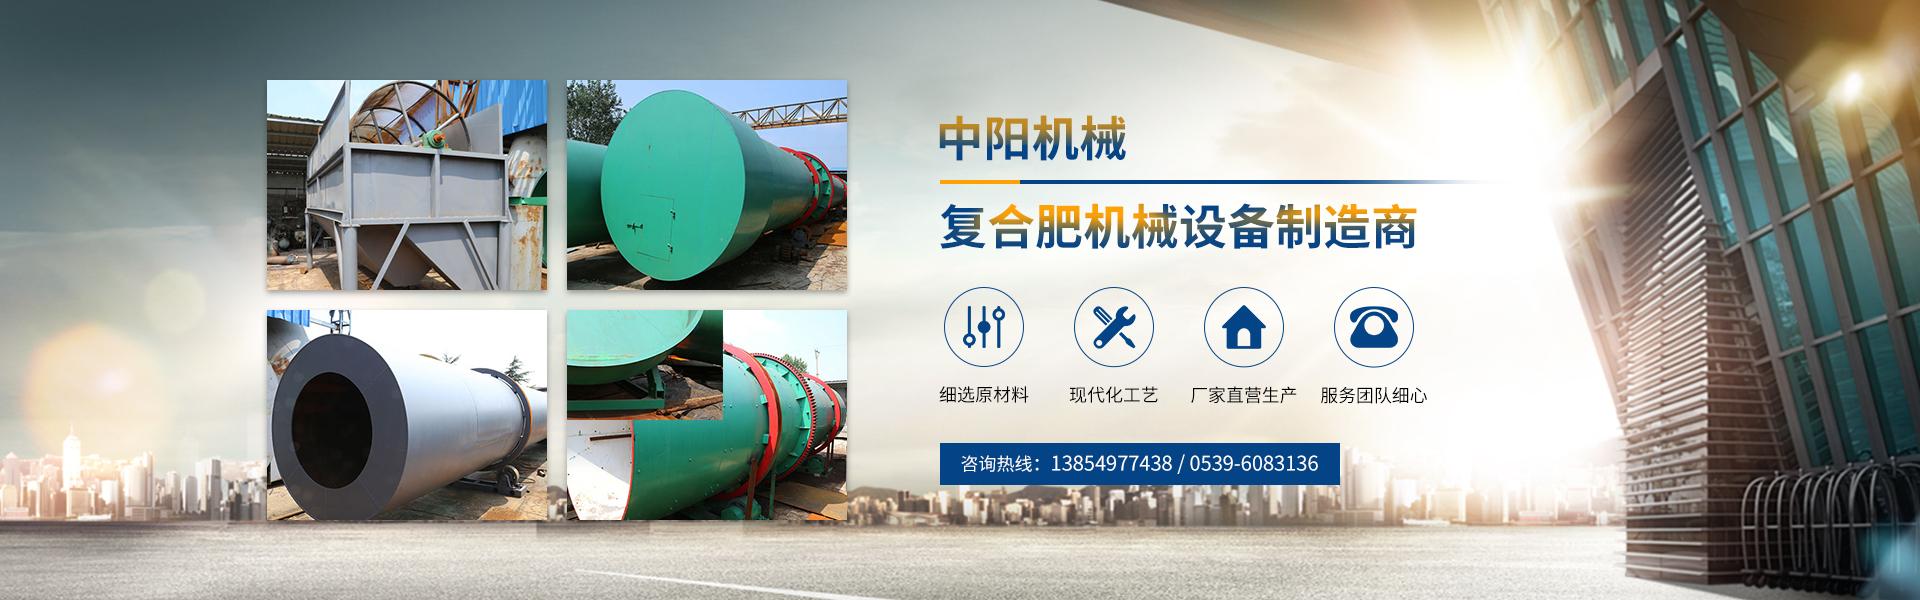 复合有机肥设备厂家,有机肥设备厂家,山东控释肥设备,输送设备生产厂家